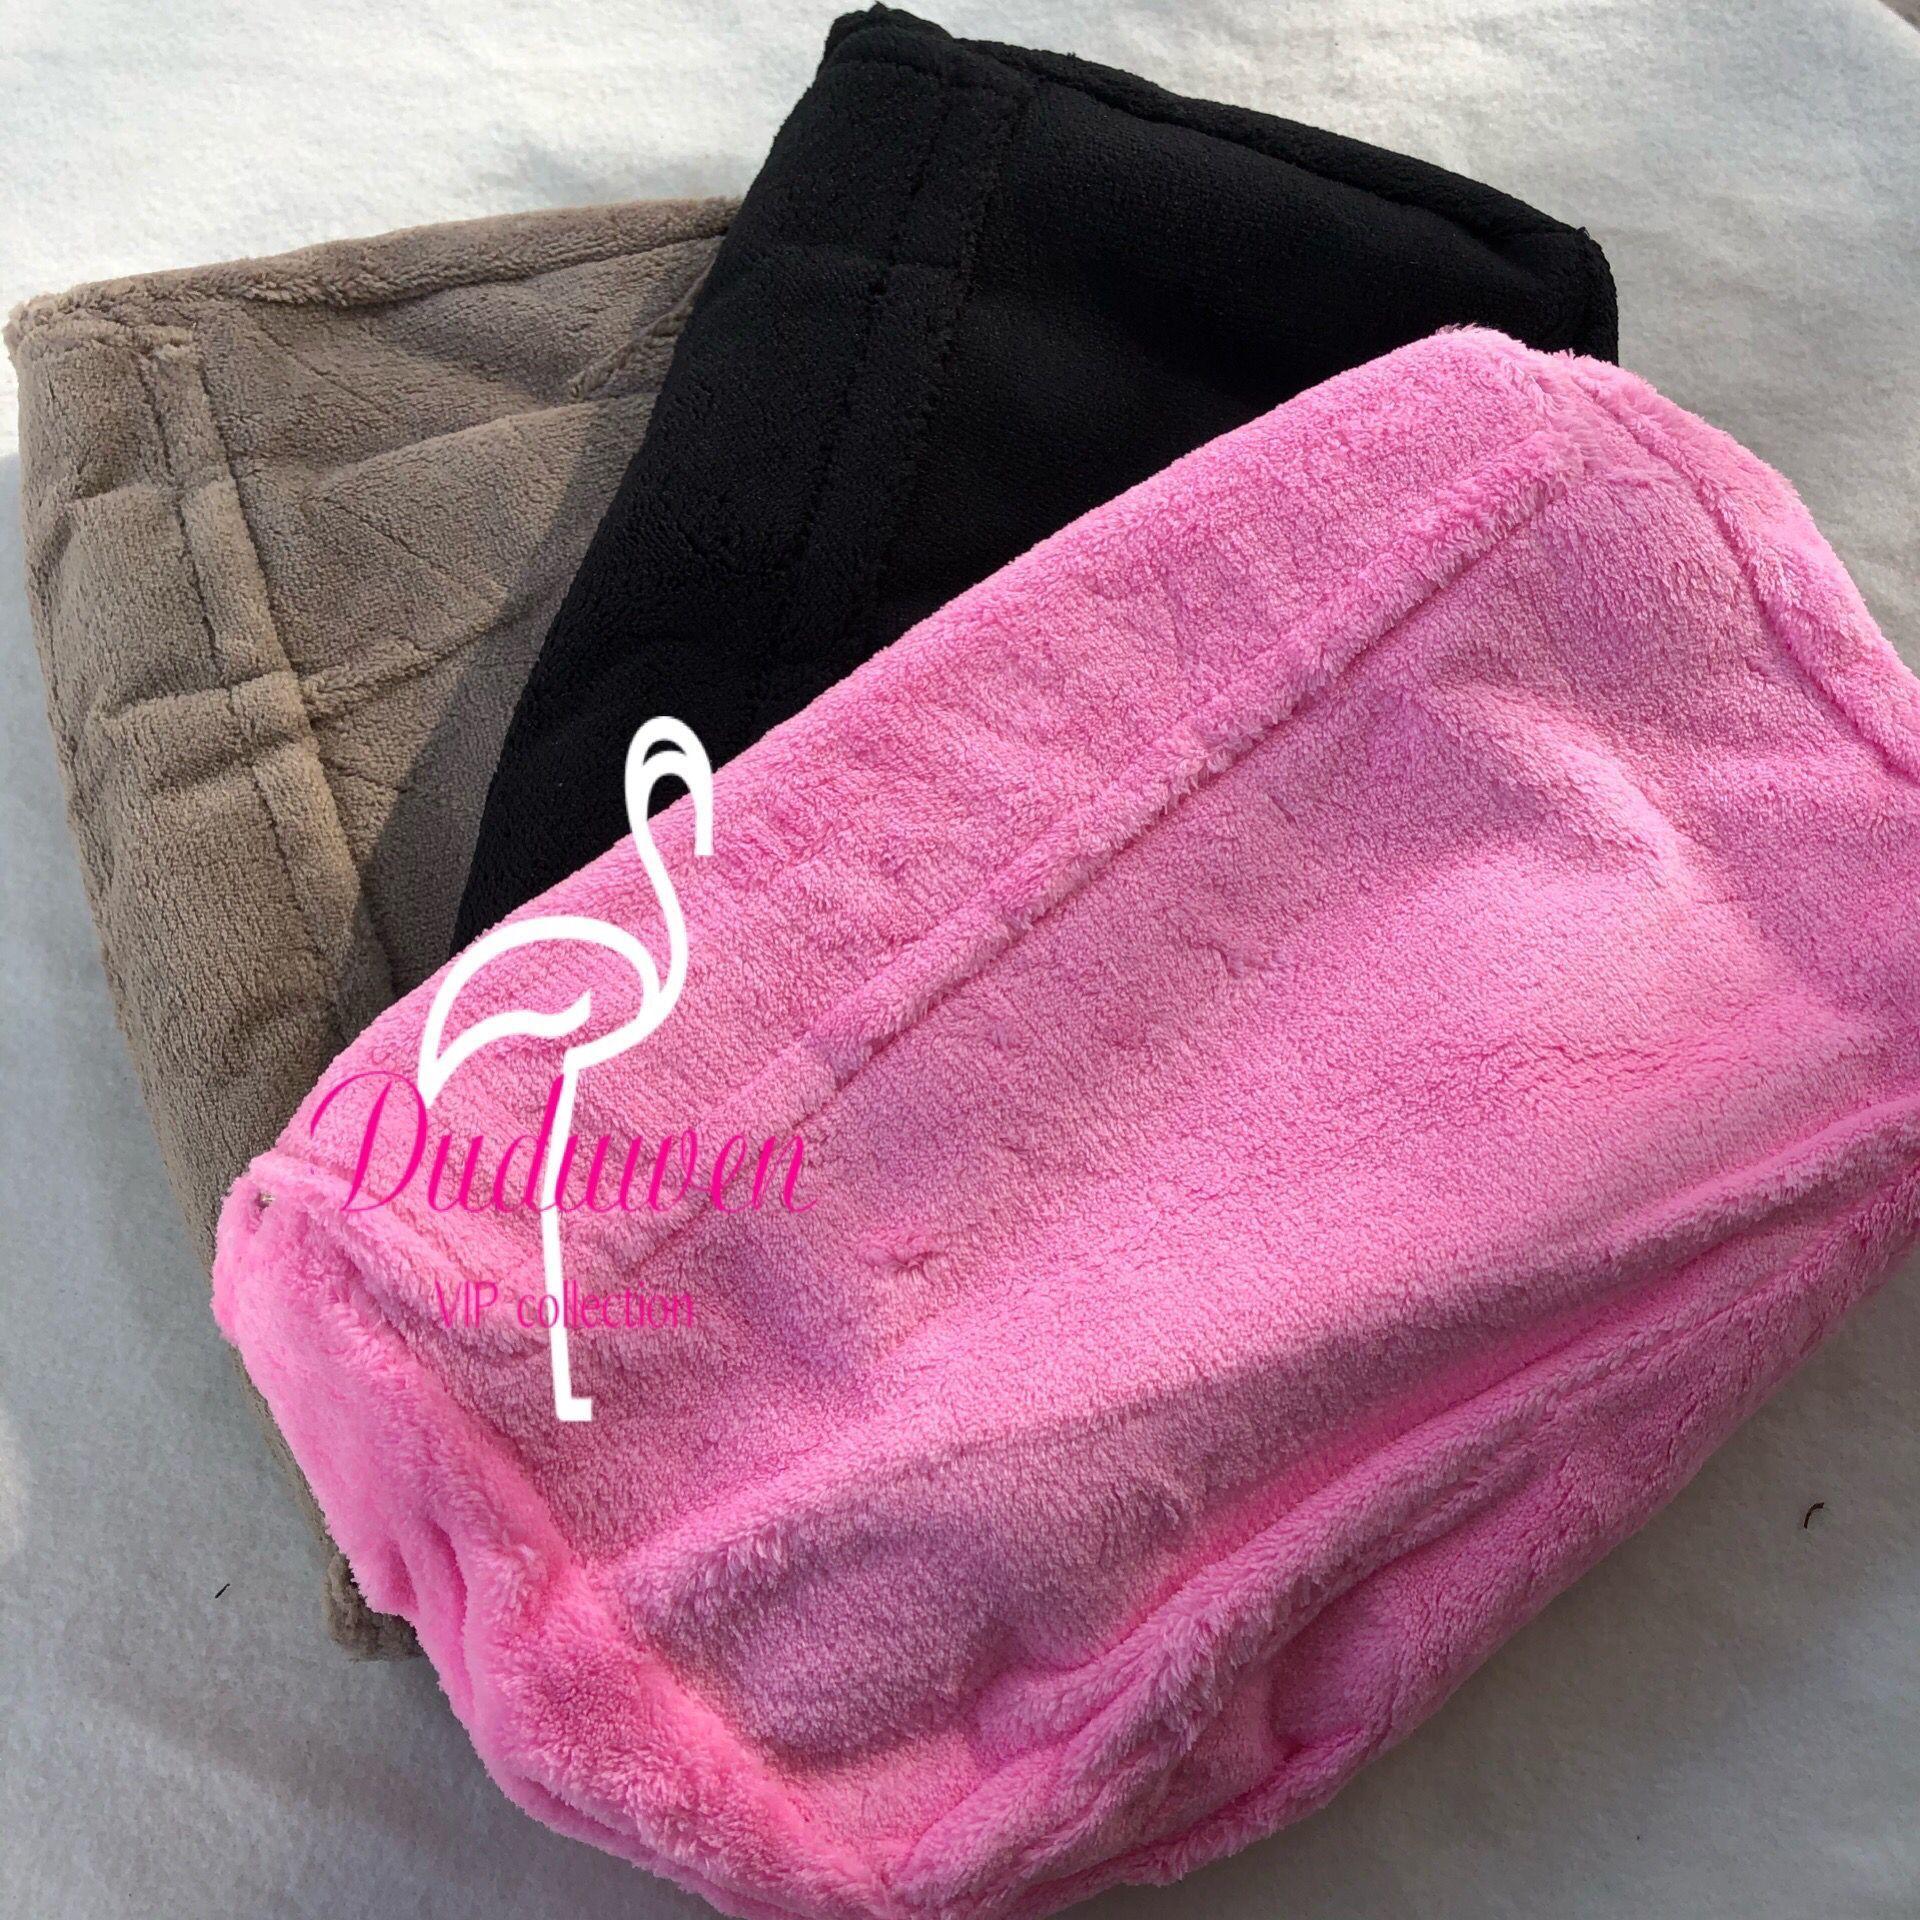 29x20x7cm Estuche de almacenamiento de moda con la bolsa de hombro de cadena C acolchado v bolsa de regalo bolsa vintage piel maquillaje clásico colección boutique